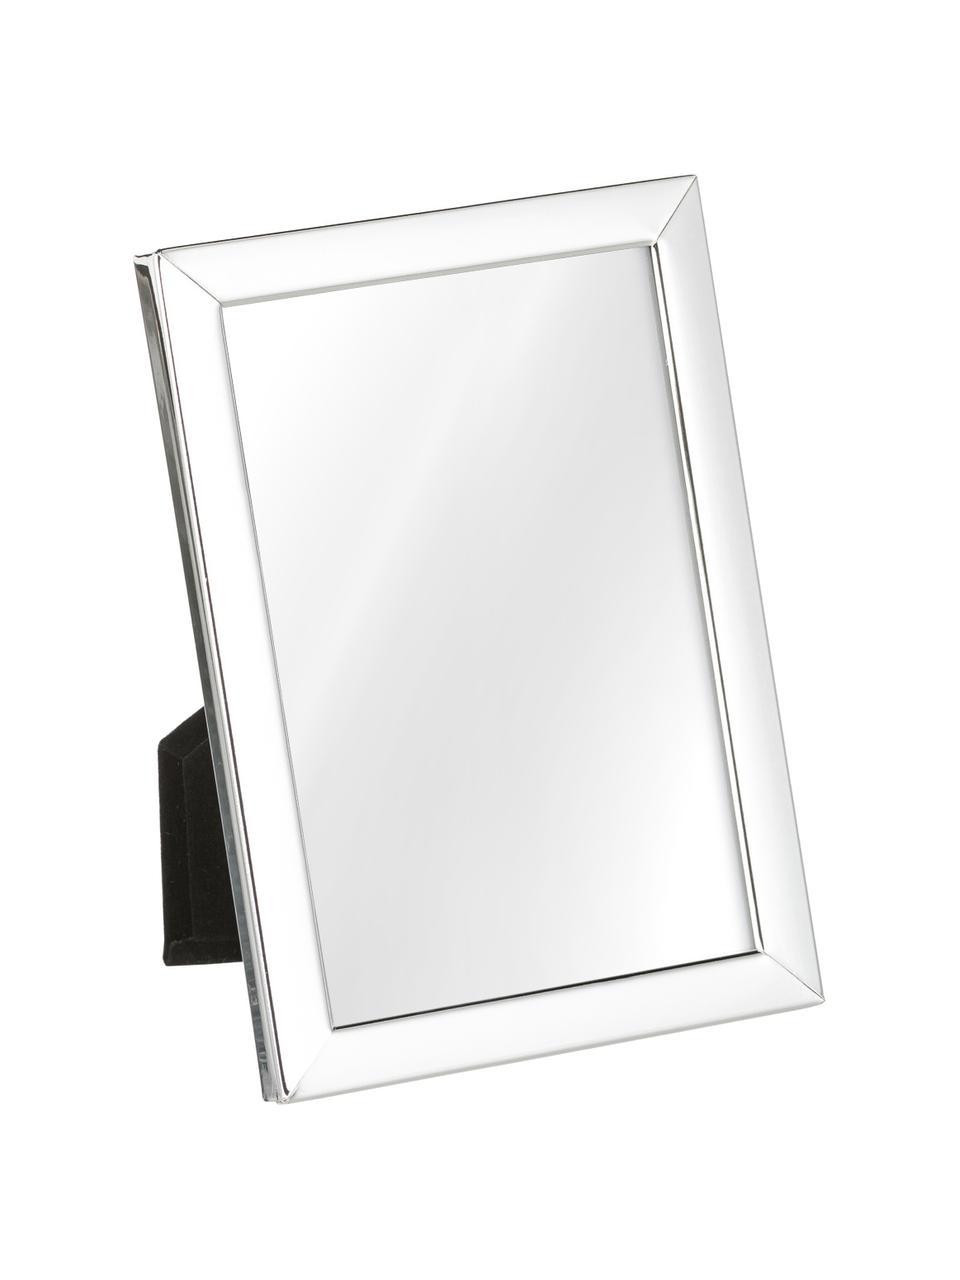 Bilderrahmen Aosta, Rahmen: Metall, versilbert, Front: Glas, Rückseite: Mitteldichte Faserplatte , Silber, 10 x 15 cm